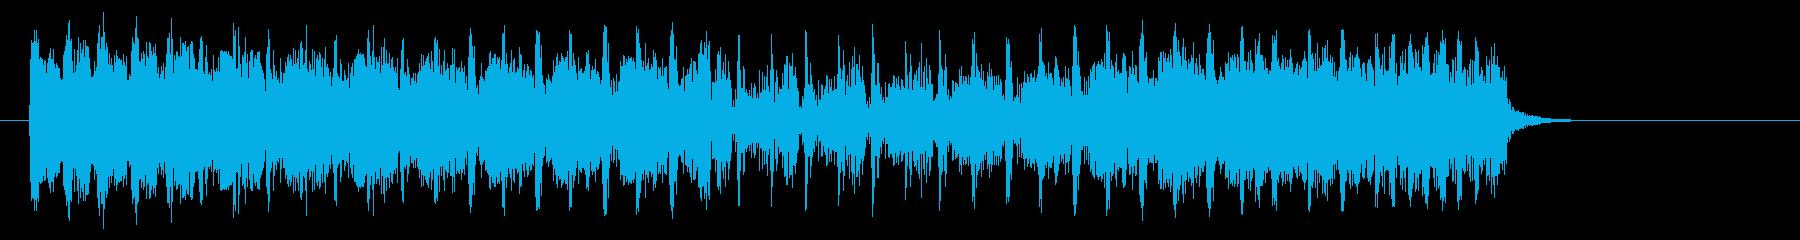 アップテンポでノリノリなポップジングルの再生済みの波形